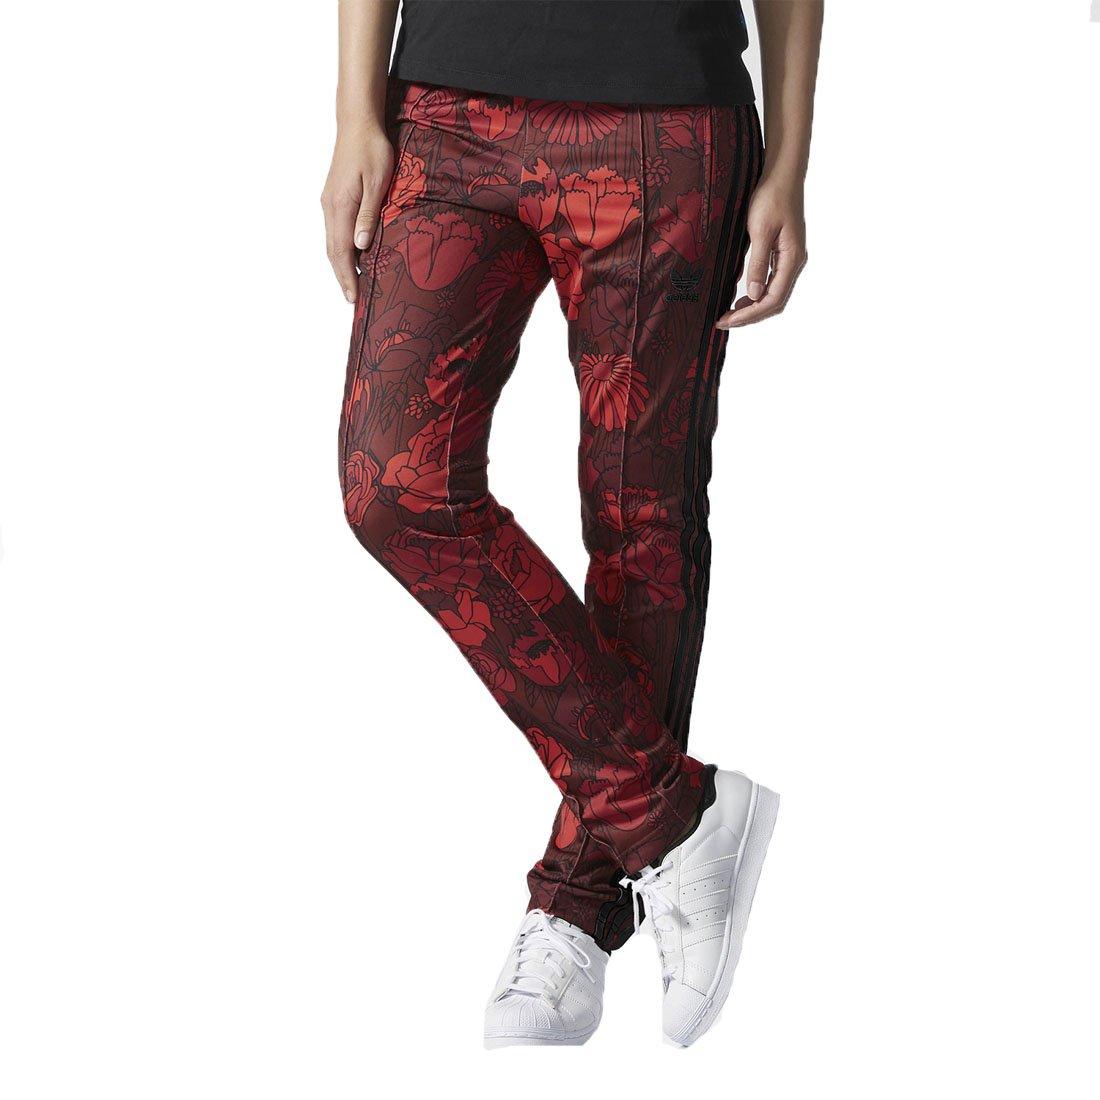 adidas Originals – Pantalones de ciclismo rojo y negro Floral ...